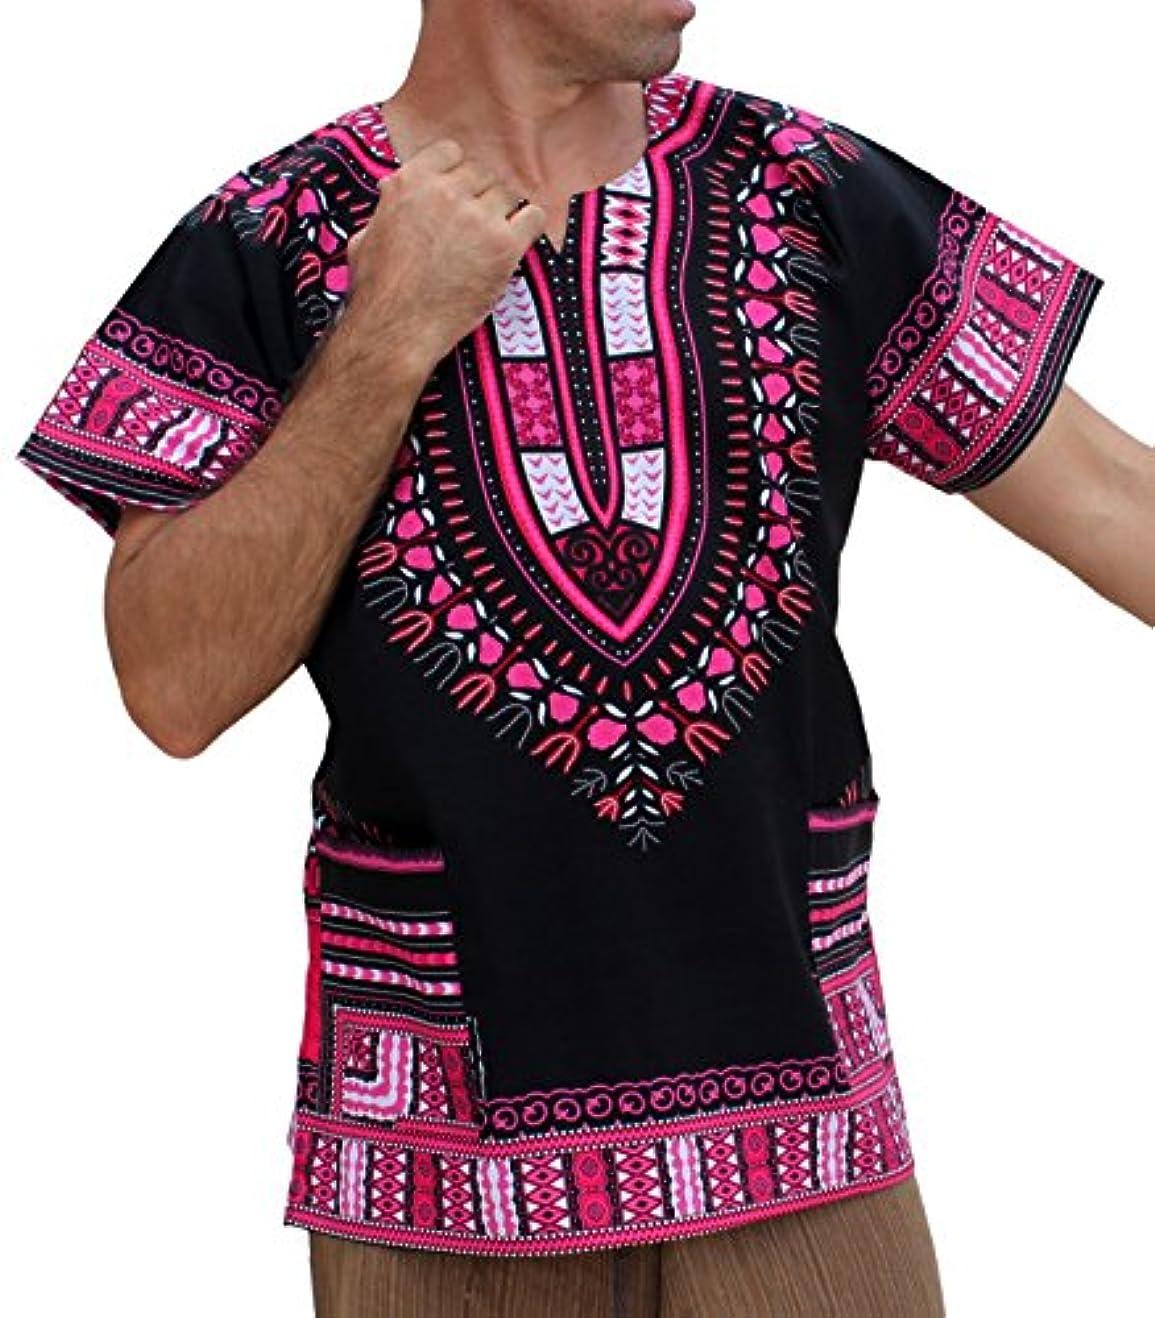 太陽カメラピルファー(ラーン パー ムアン) Raan Pah Muang アフリカ ダシキシャツ 半袖 バティック 心黒 Unisex Bright African Black Dashiki Cotton Shirt